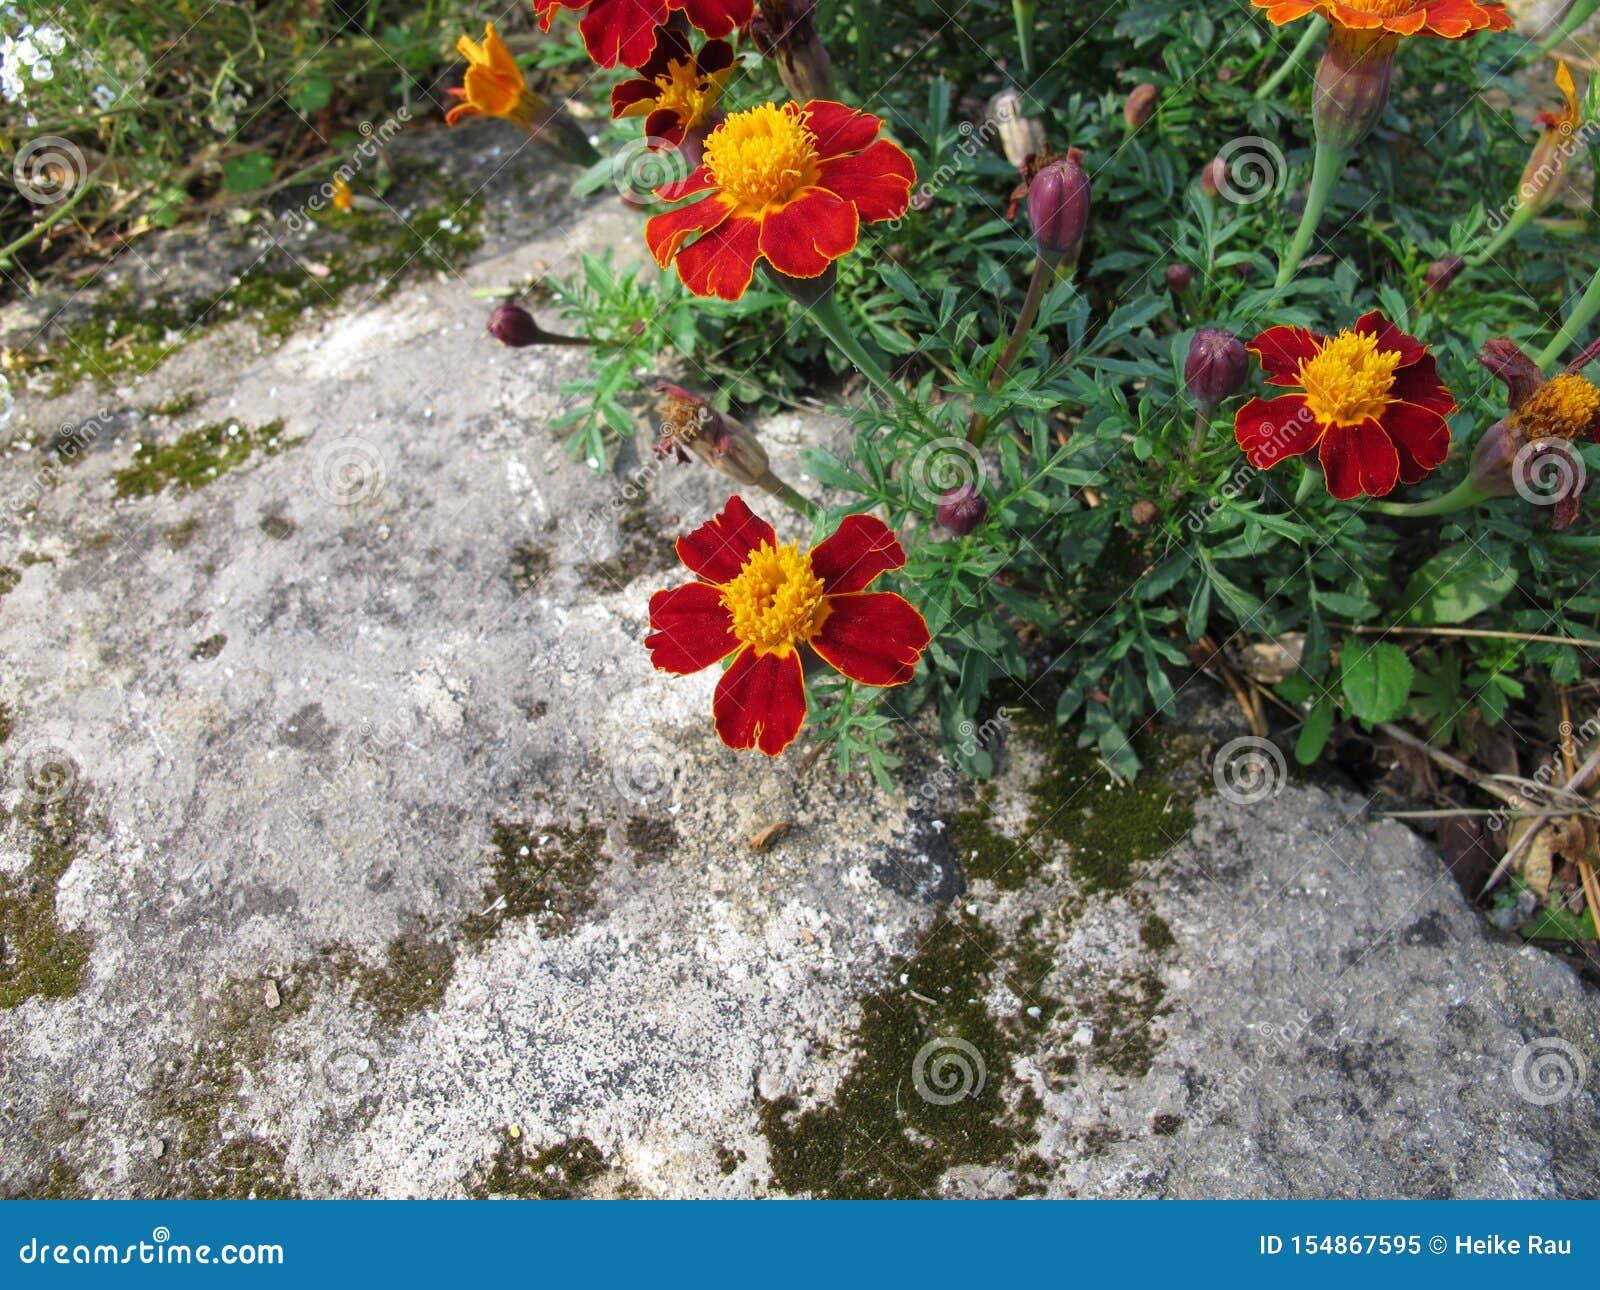 Cravo-de-defunto do sinete, tenuifolia de Tagetes, com flores